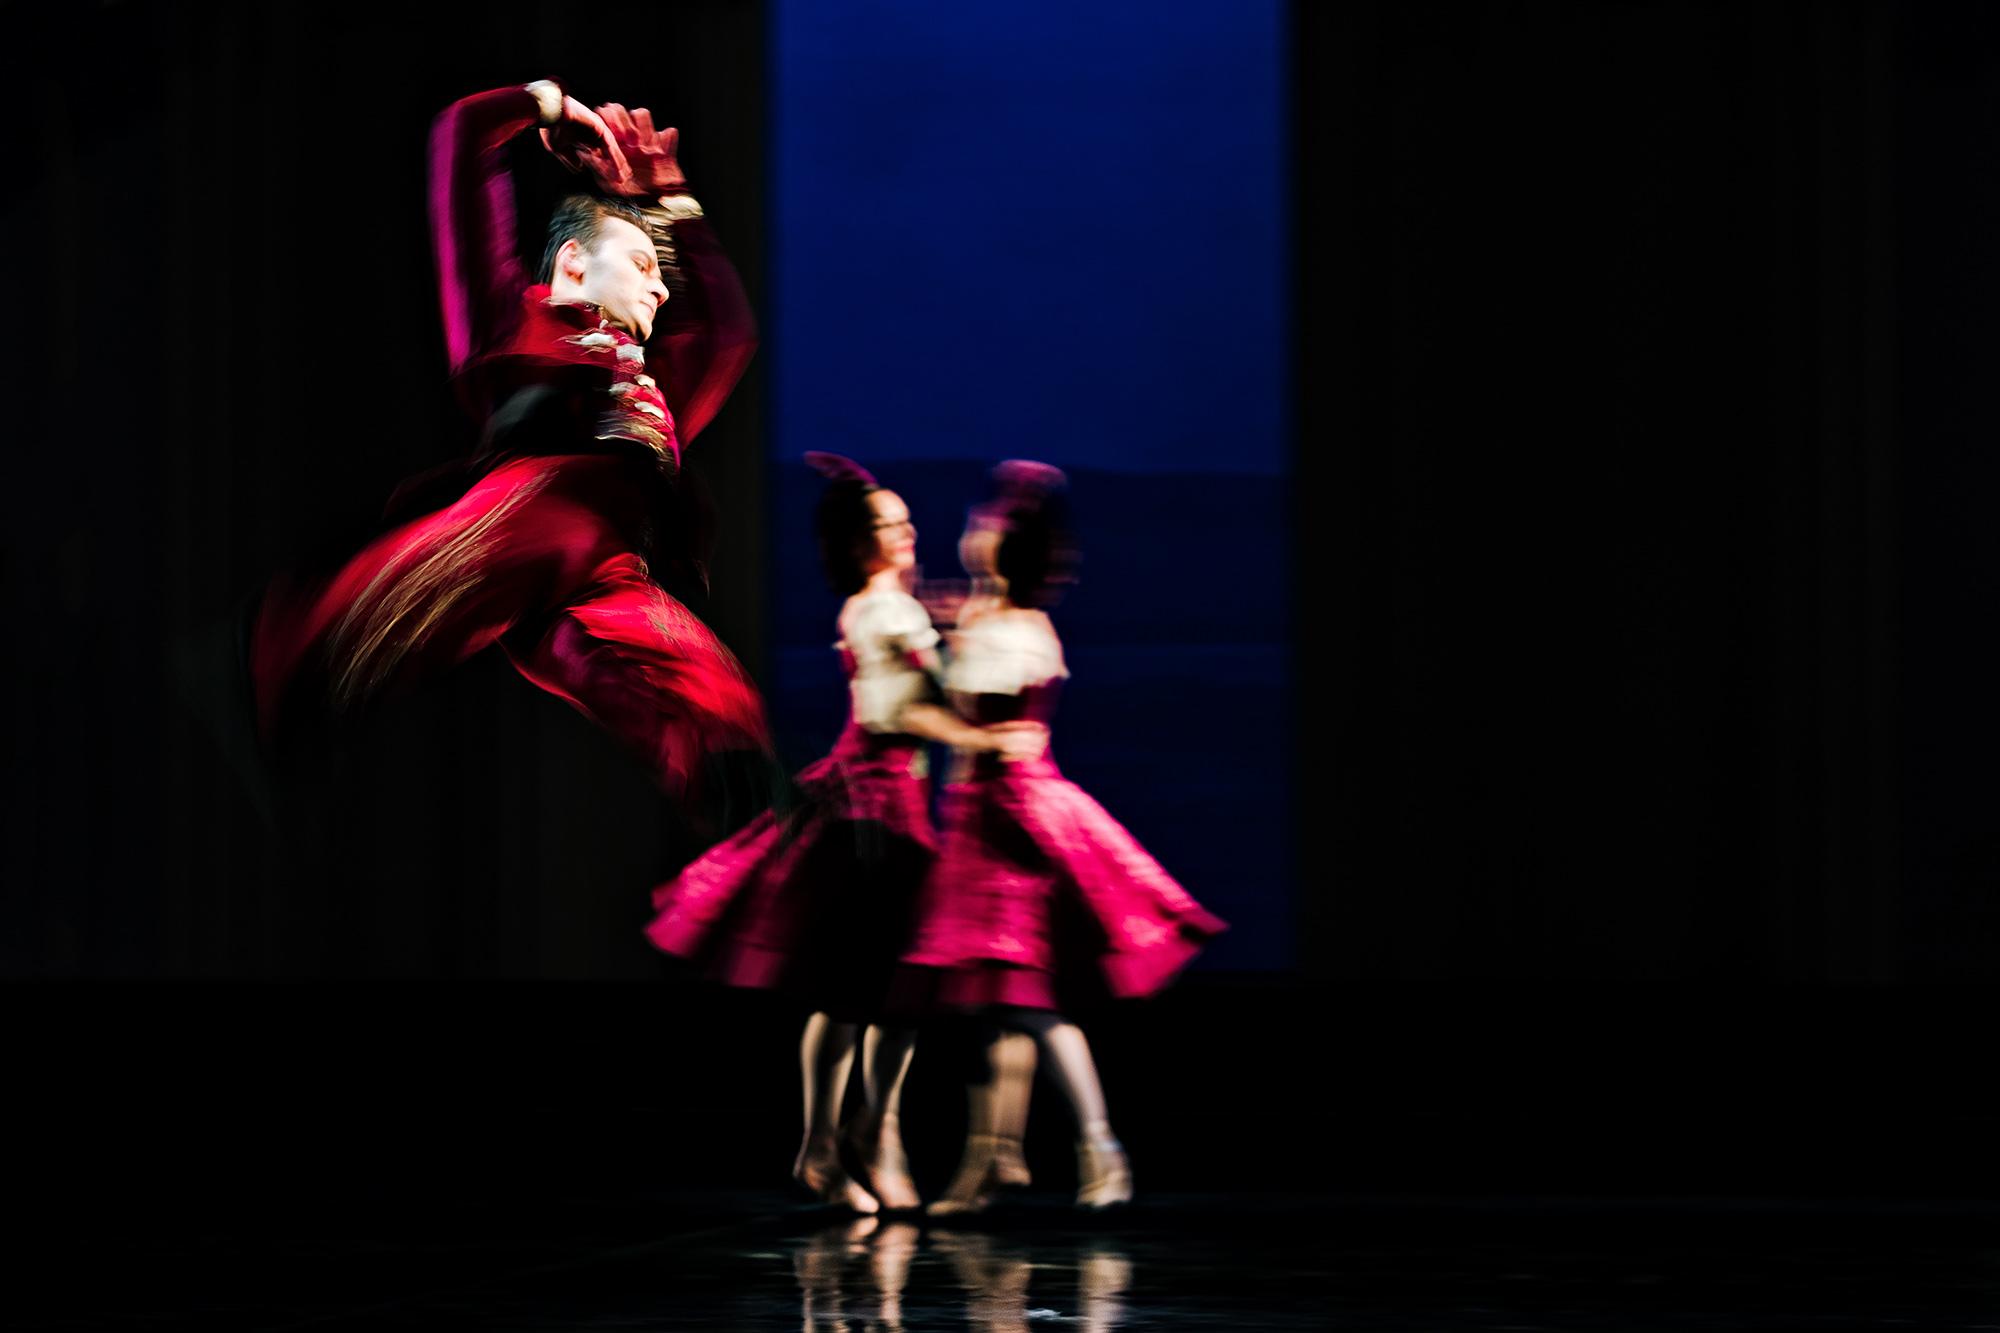 """Yehor Hordiyenko in """"Schwanensee"""" von Ben Van Cauwenberg im Aalto Ballett Essen. Ich mag den starken Farbkontrast sehr."""